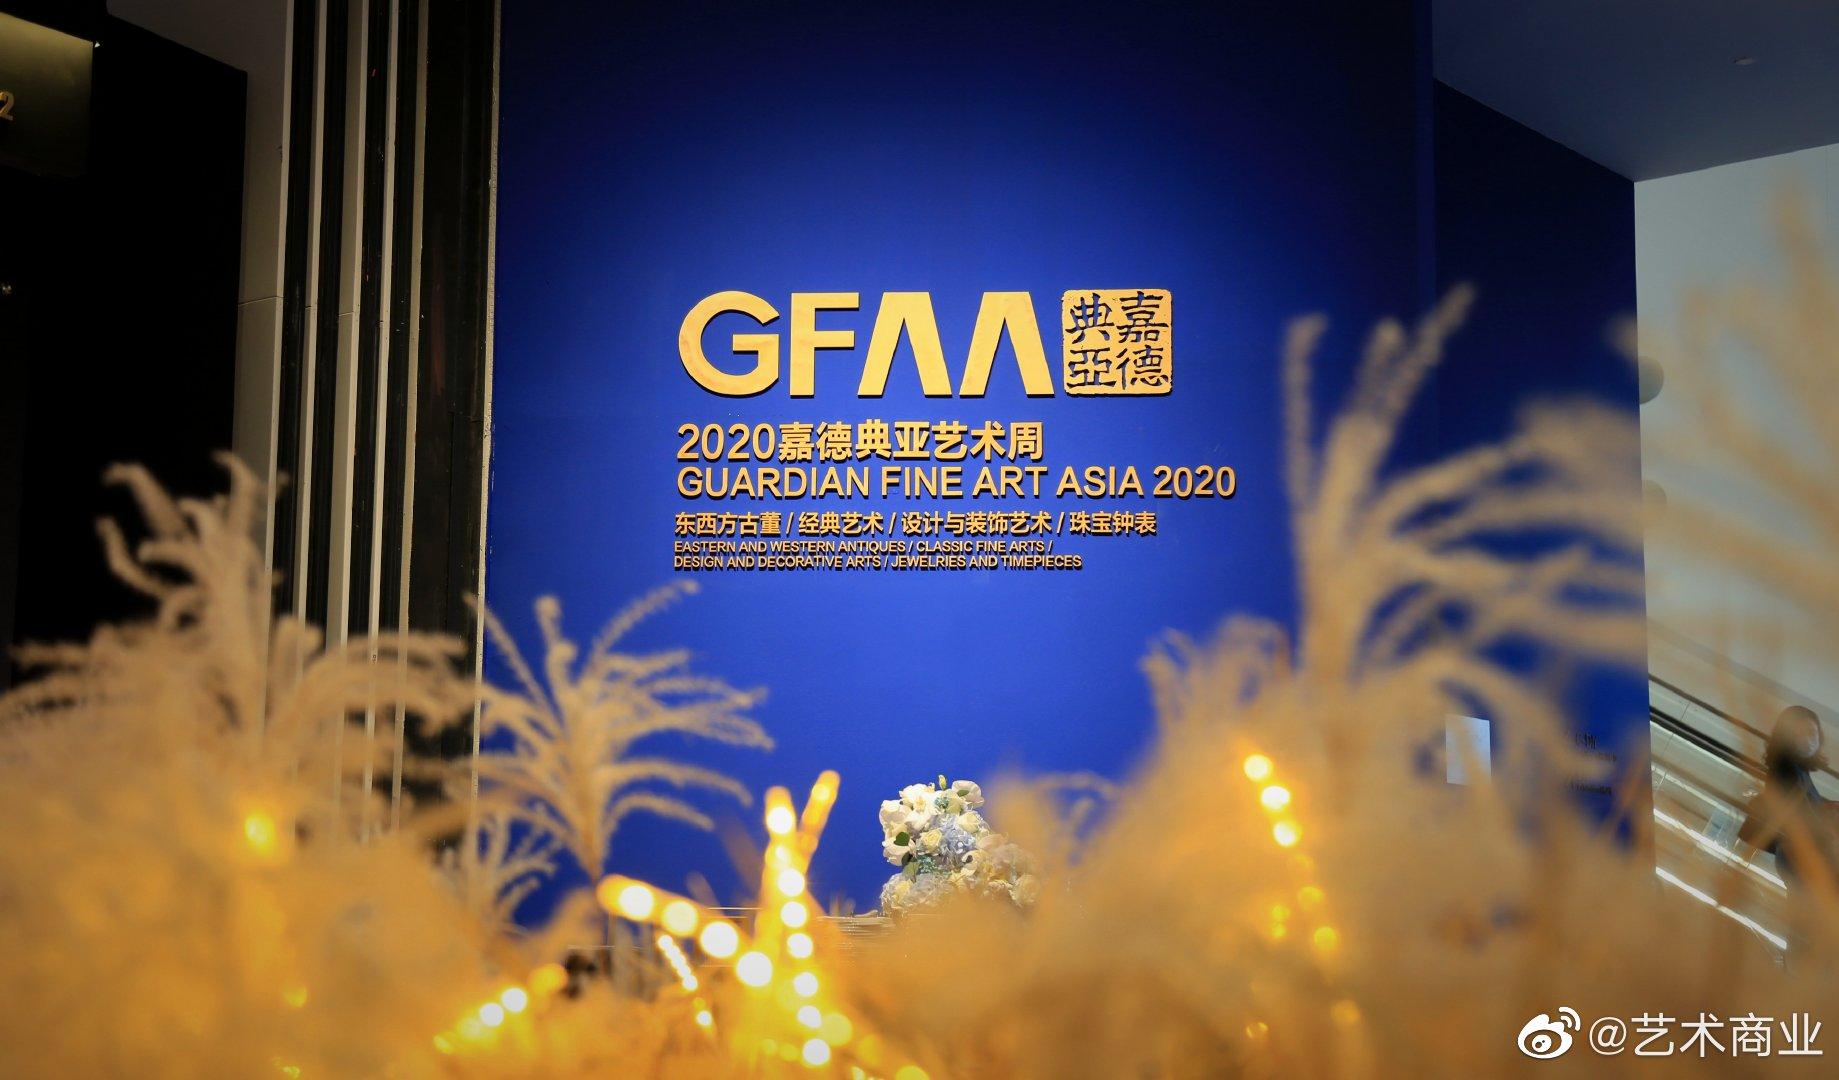 聚焦古董与经典艺术、设计与生活美学的第七届嘉德典亚艺术周于10月28